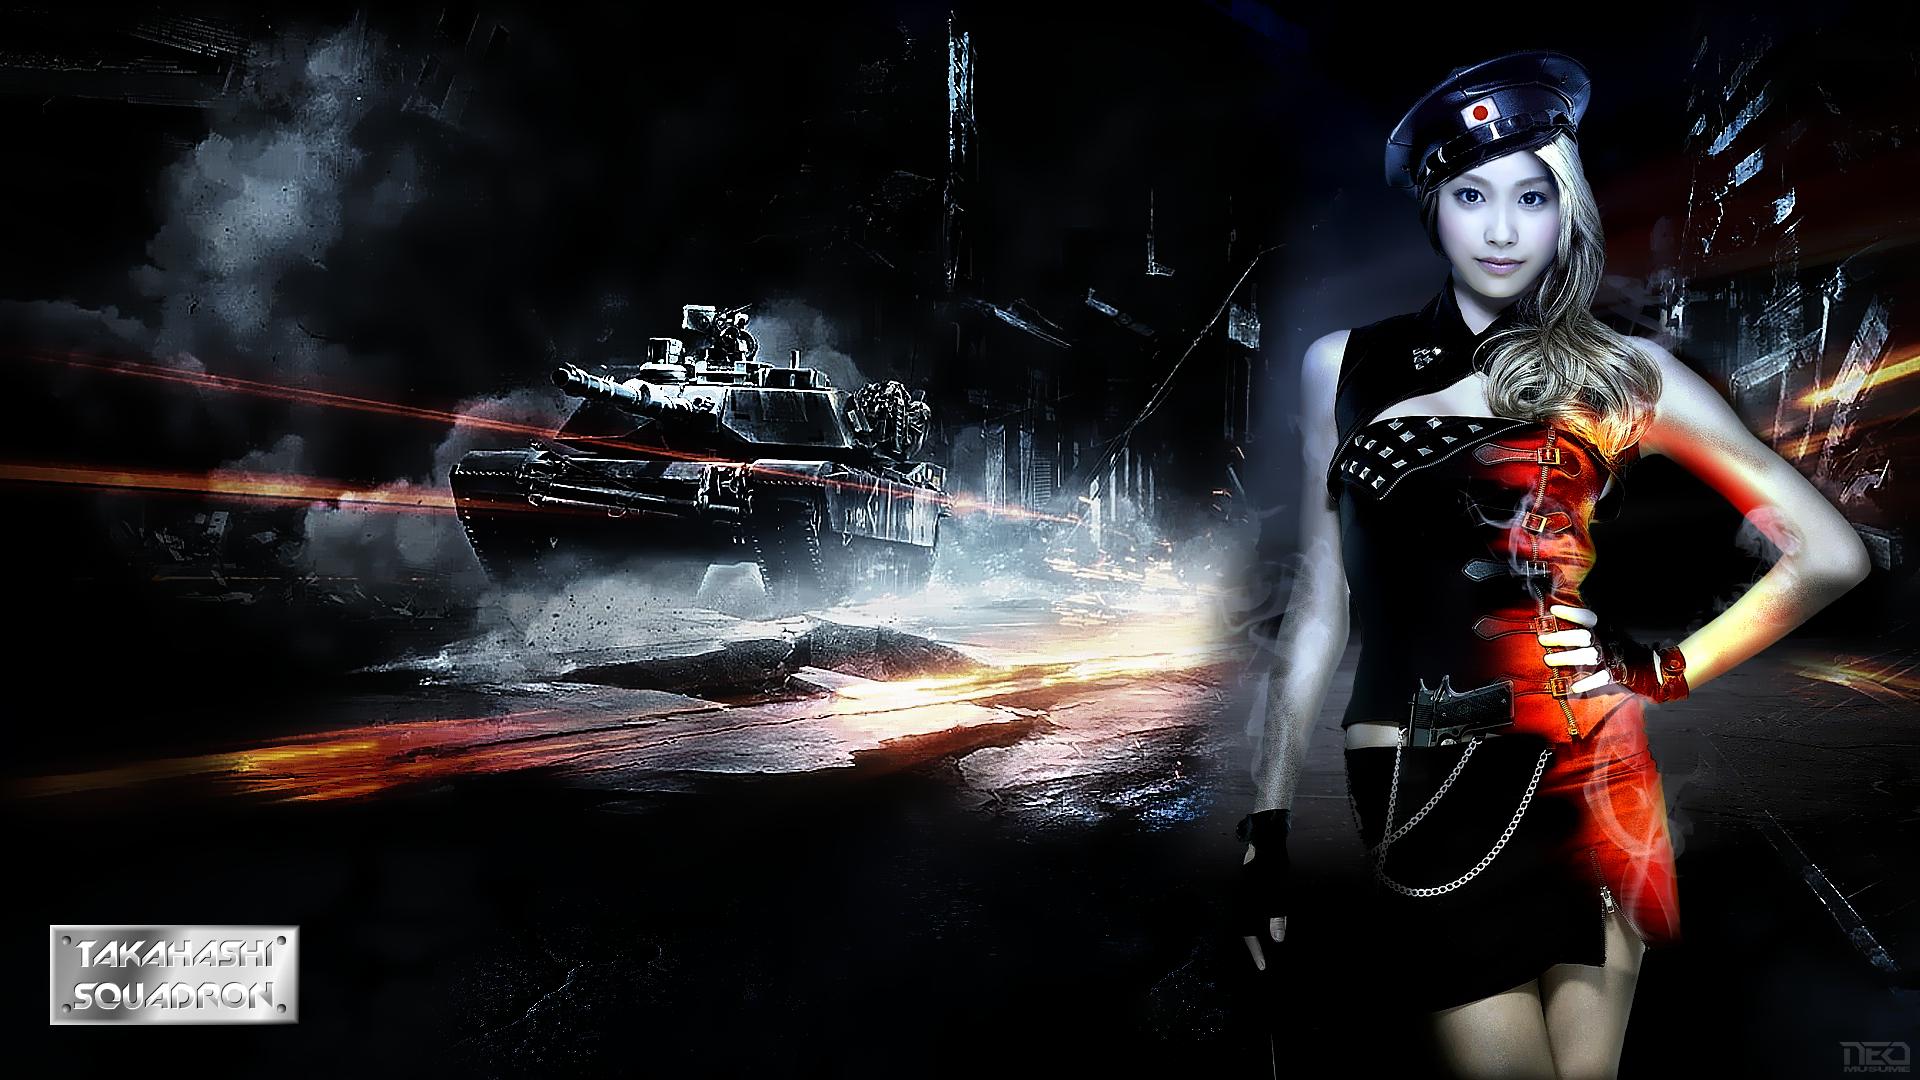 Girl Gamer Wallpaper Iphone , HD Wallpaper & Backgrounds